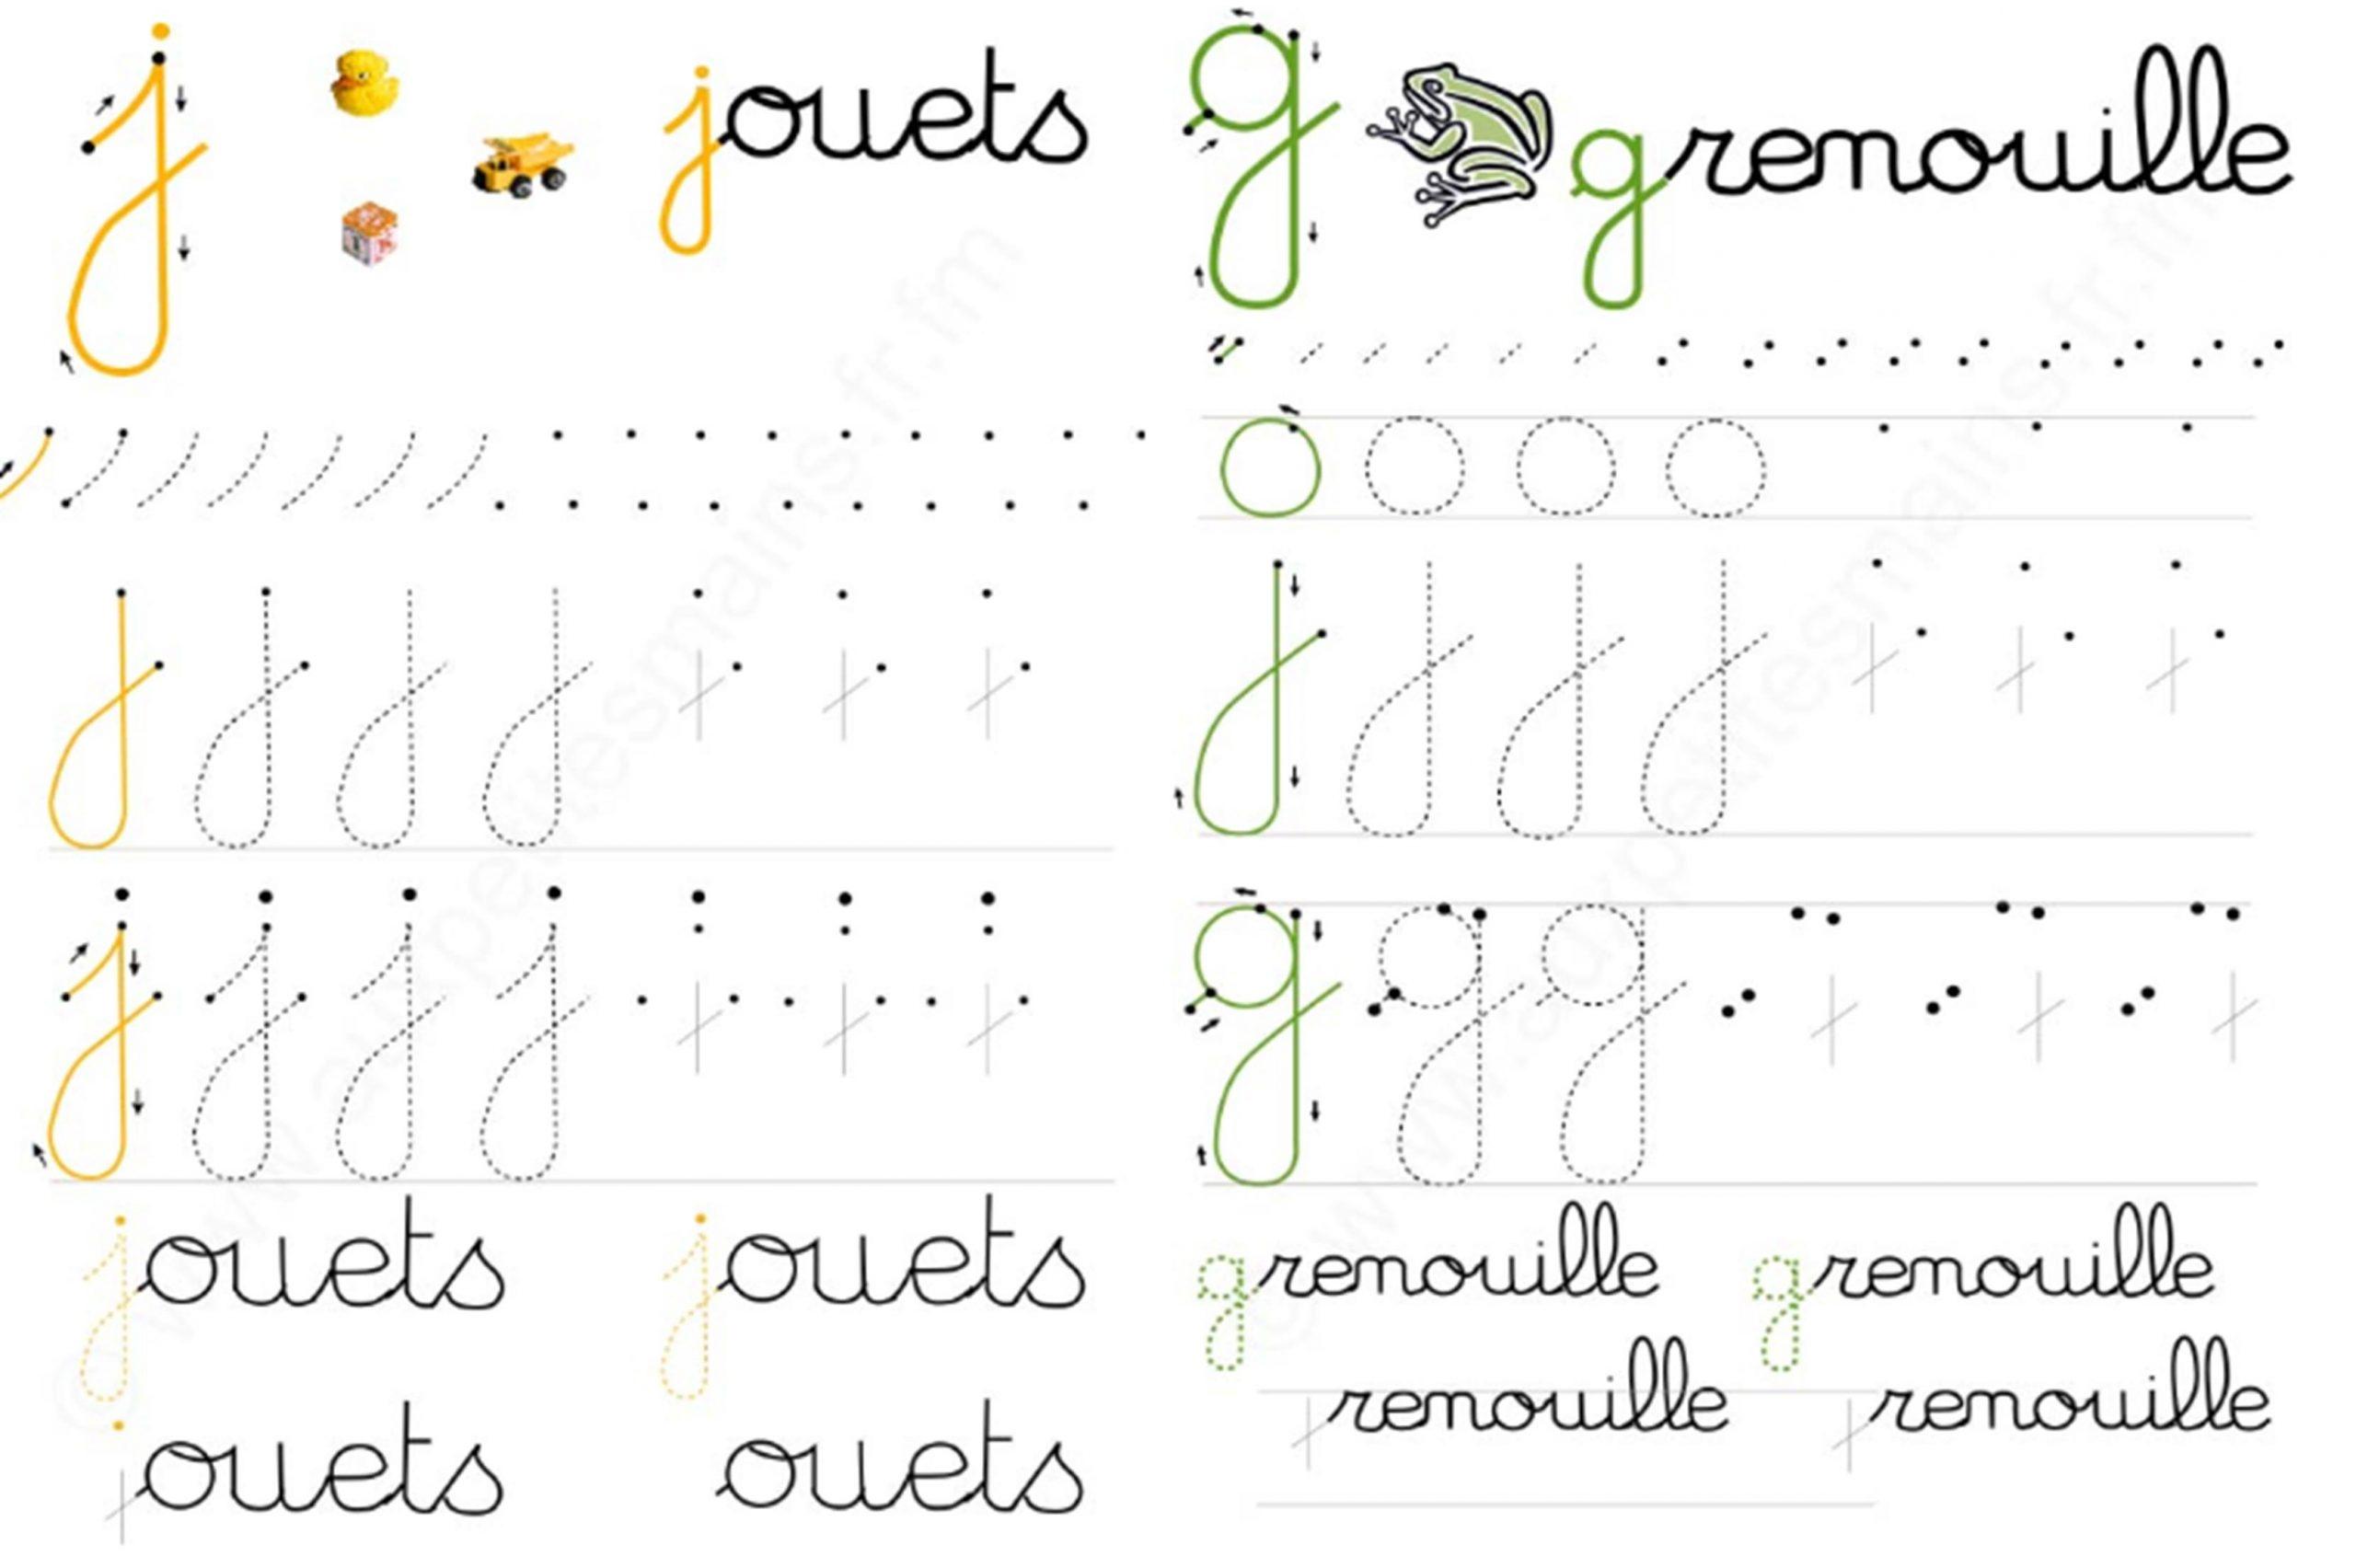 Grande Section | Le Blog De Monsieur Mathieu intérieur Exercices Grande Section Maternelle Pdf